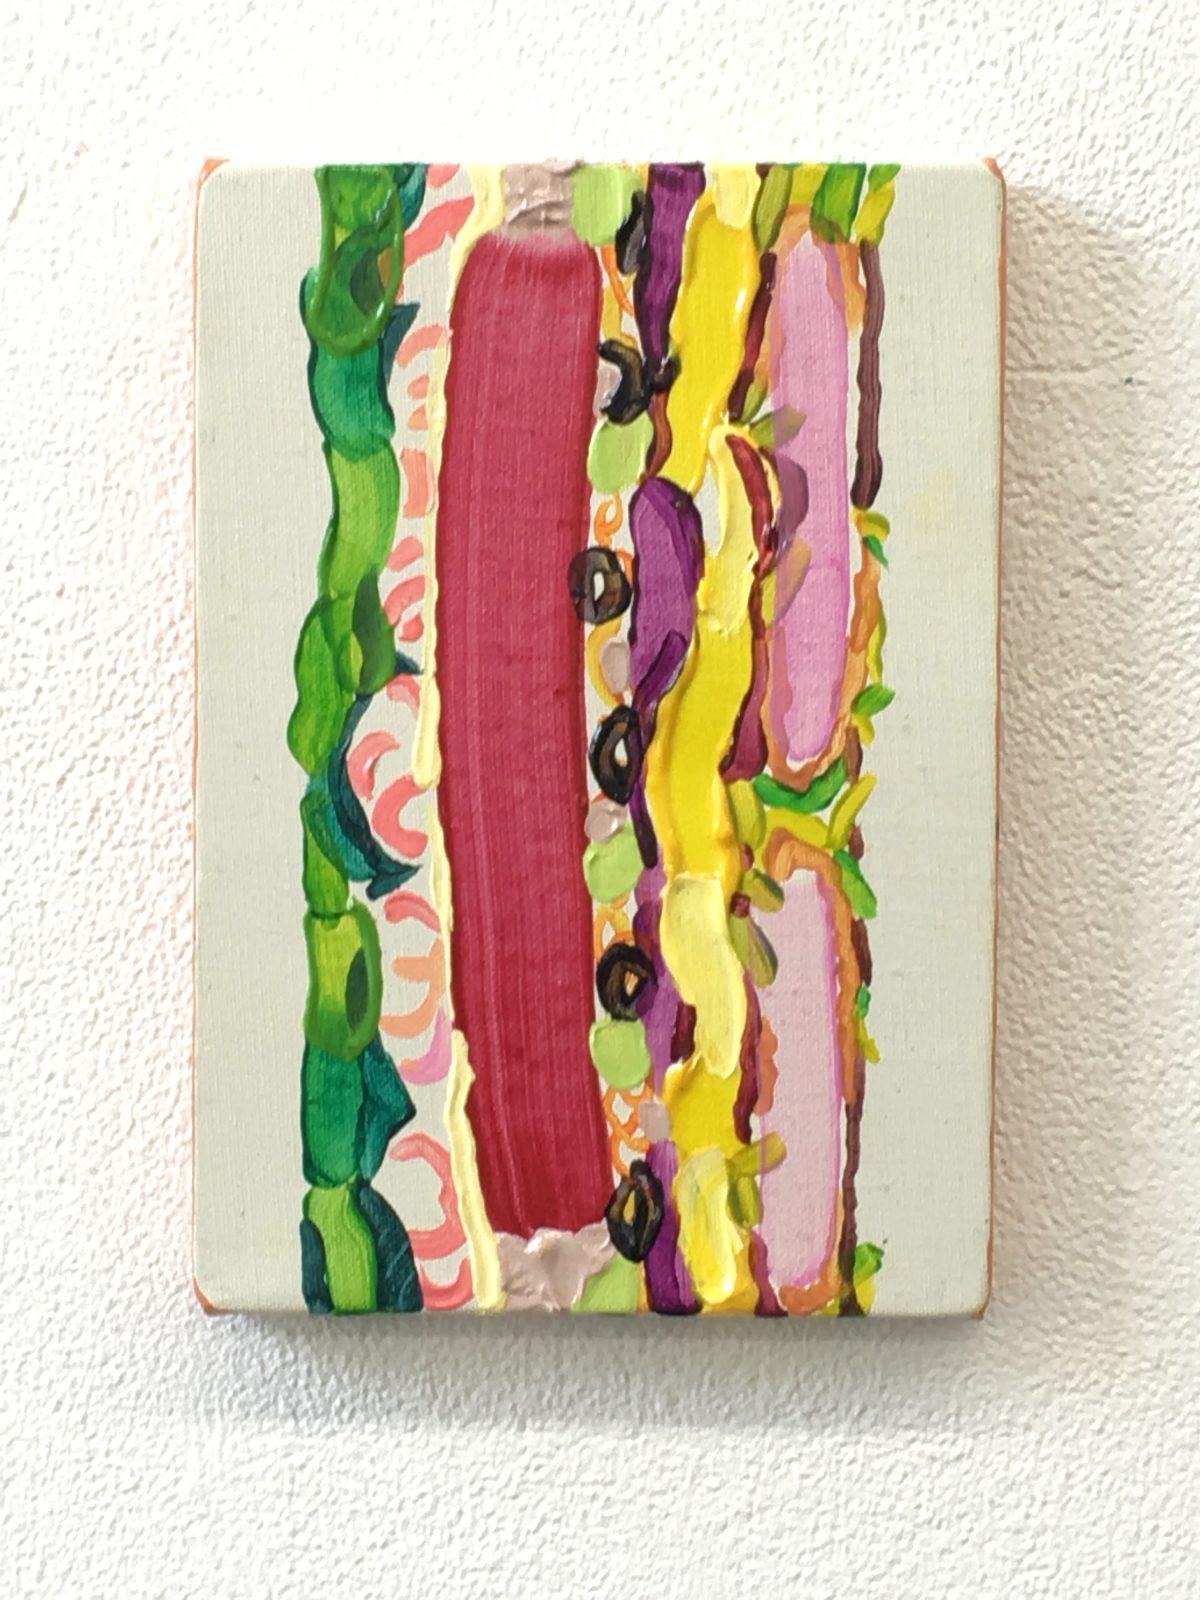 サンドイッチ 227x158 キャンバス、アクリル 2015